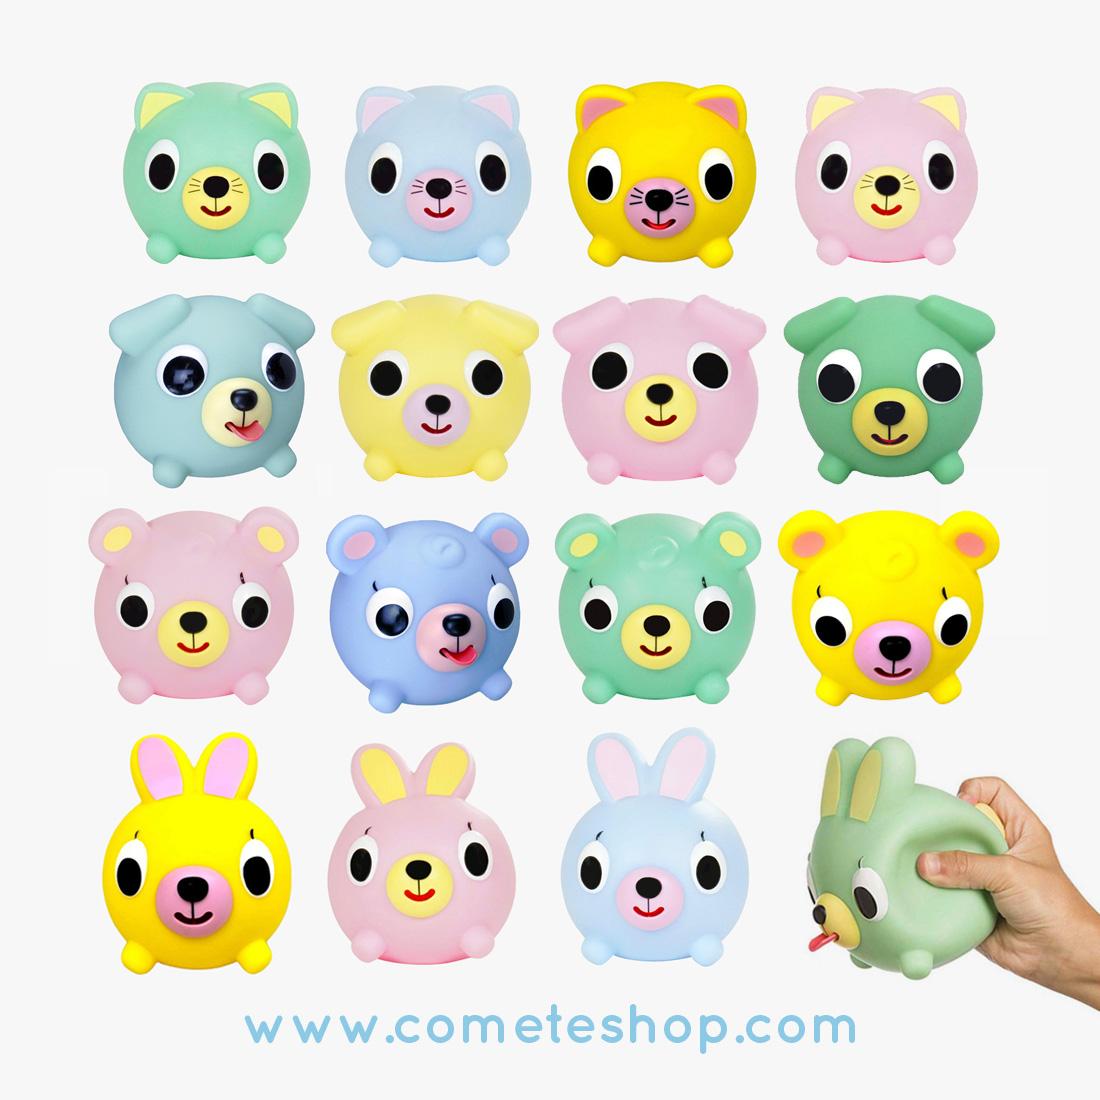 balle jabber balls japonaise chat jouet pouet pouet kawaii acheter en france copie copie